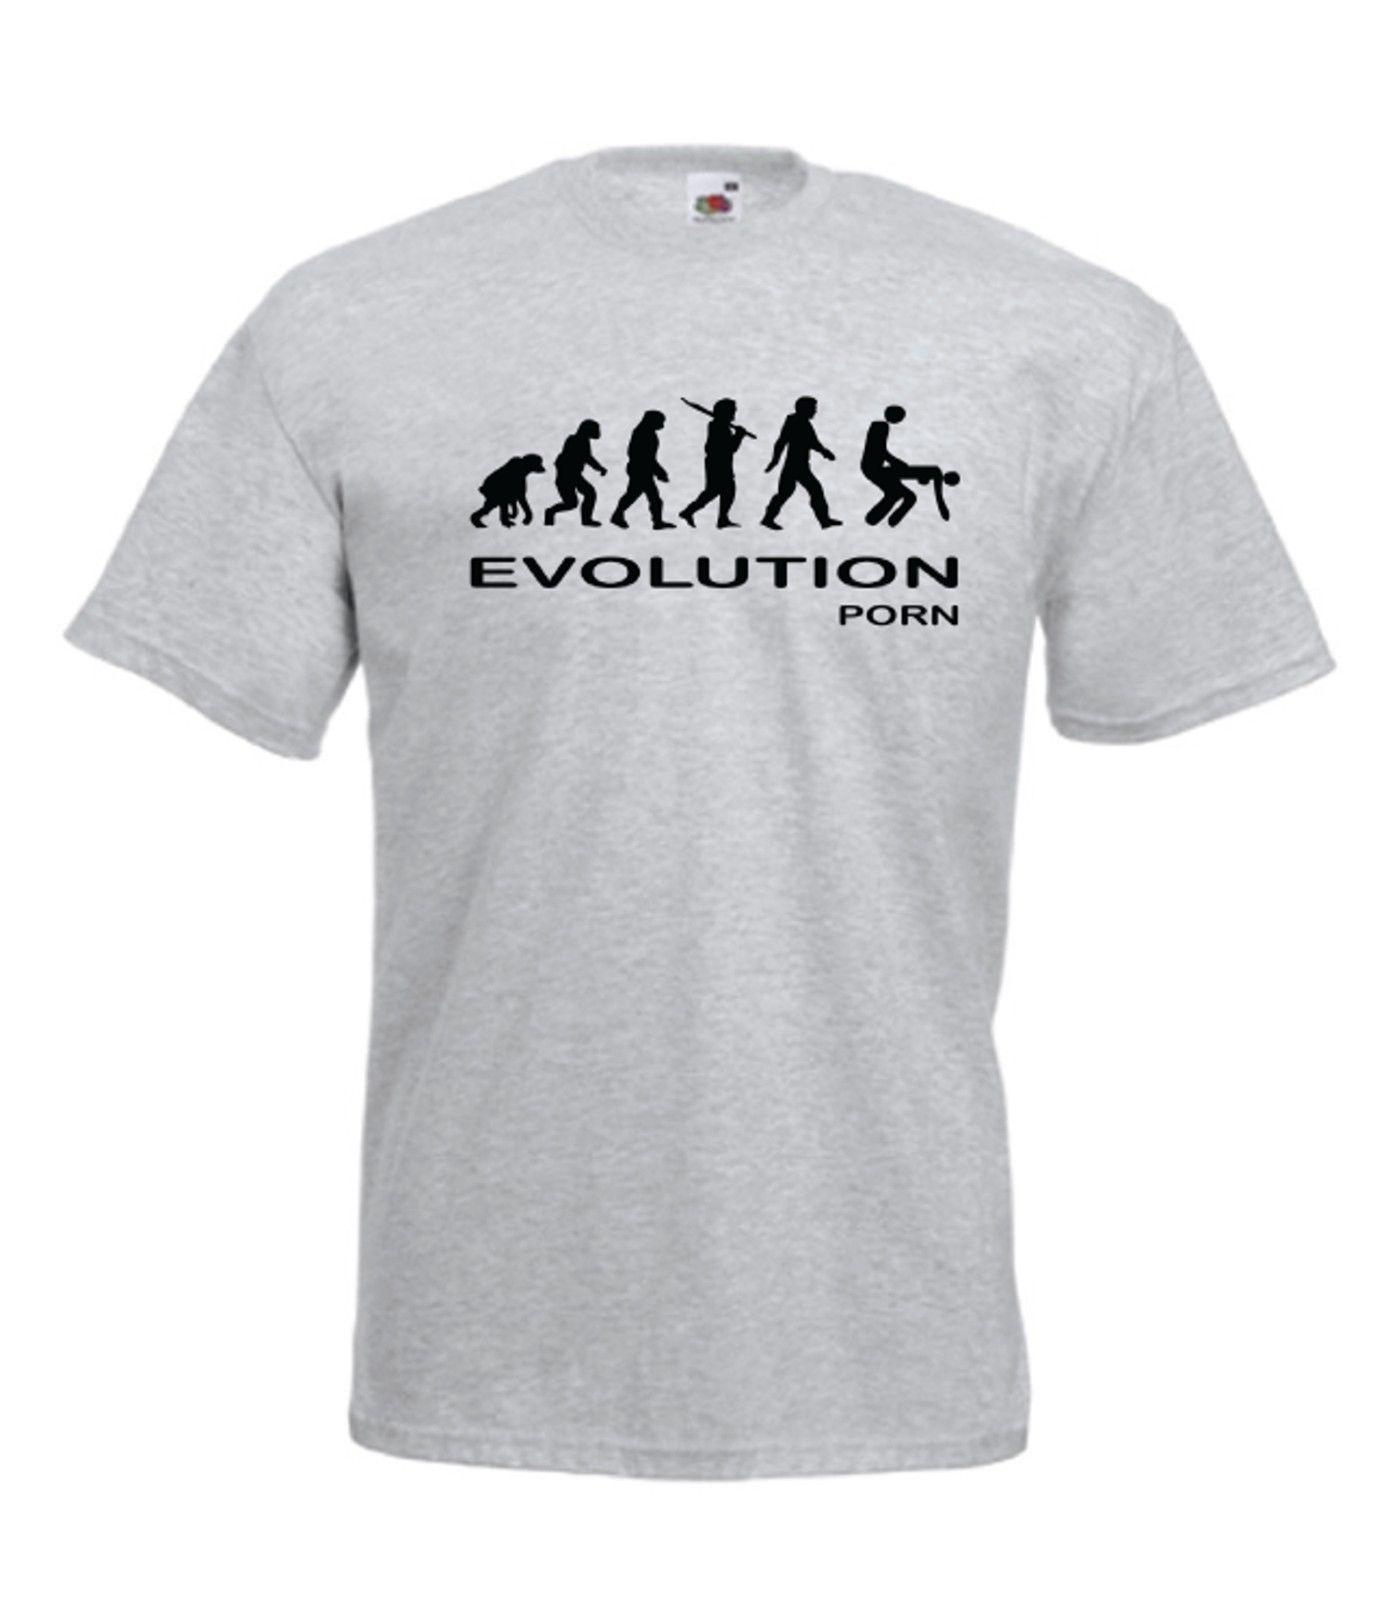 3b2624b9566bff Großhandel EVOLUTION PORN Lustiges Sexy Geschenk NEUE Männer Frauen T SHIRT  TOP Herren Stolz Dunkles T Shirt Weiß Schwarz Grau Rot Hose T Shirt Von  Smilecup ...